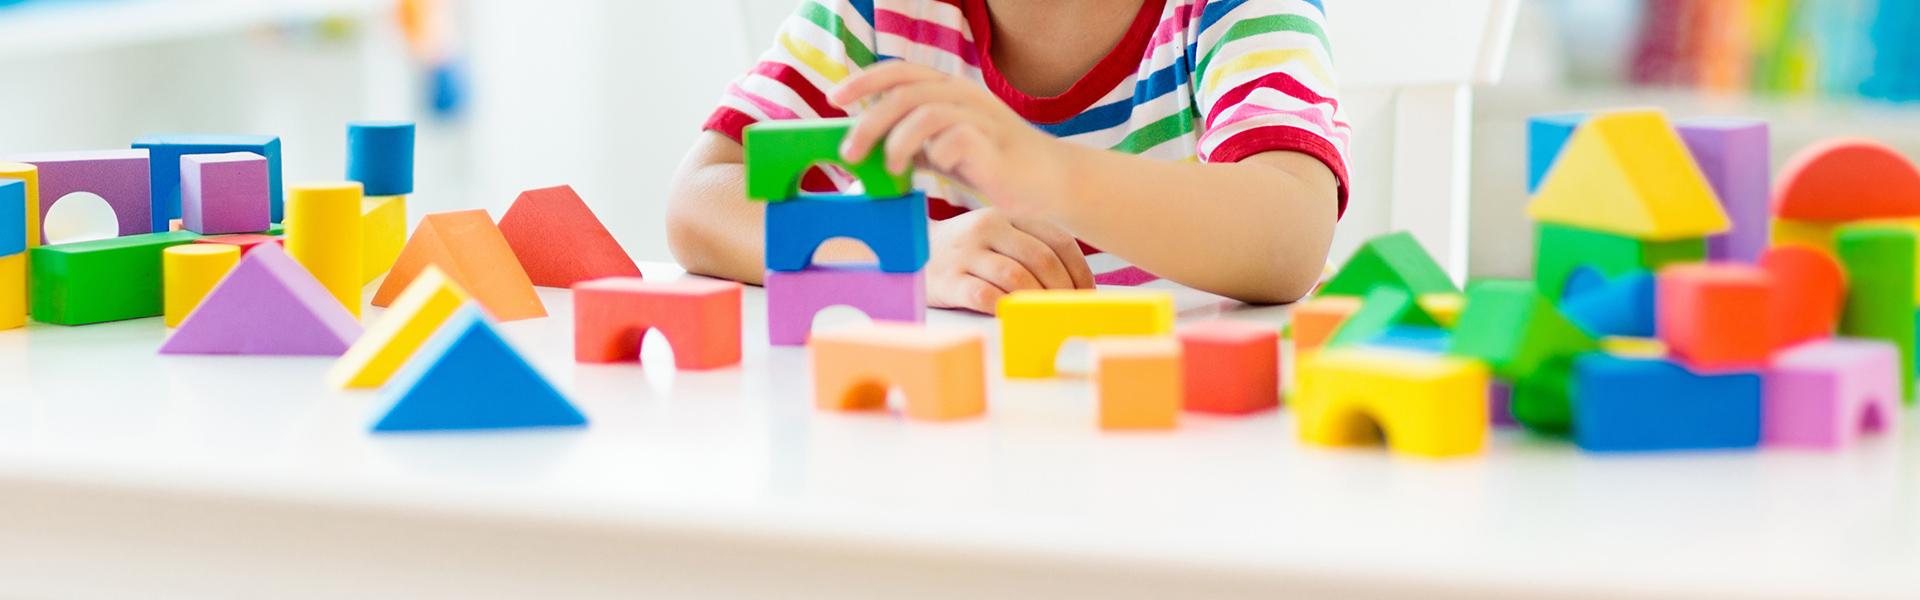 幼児教育について